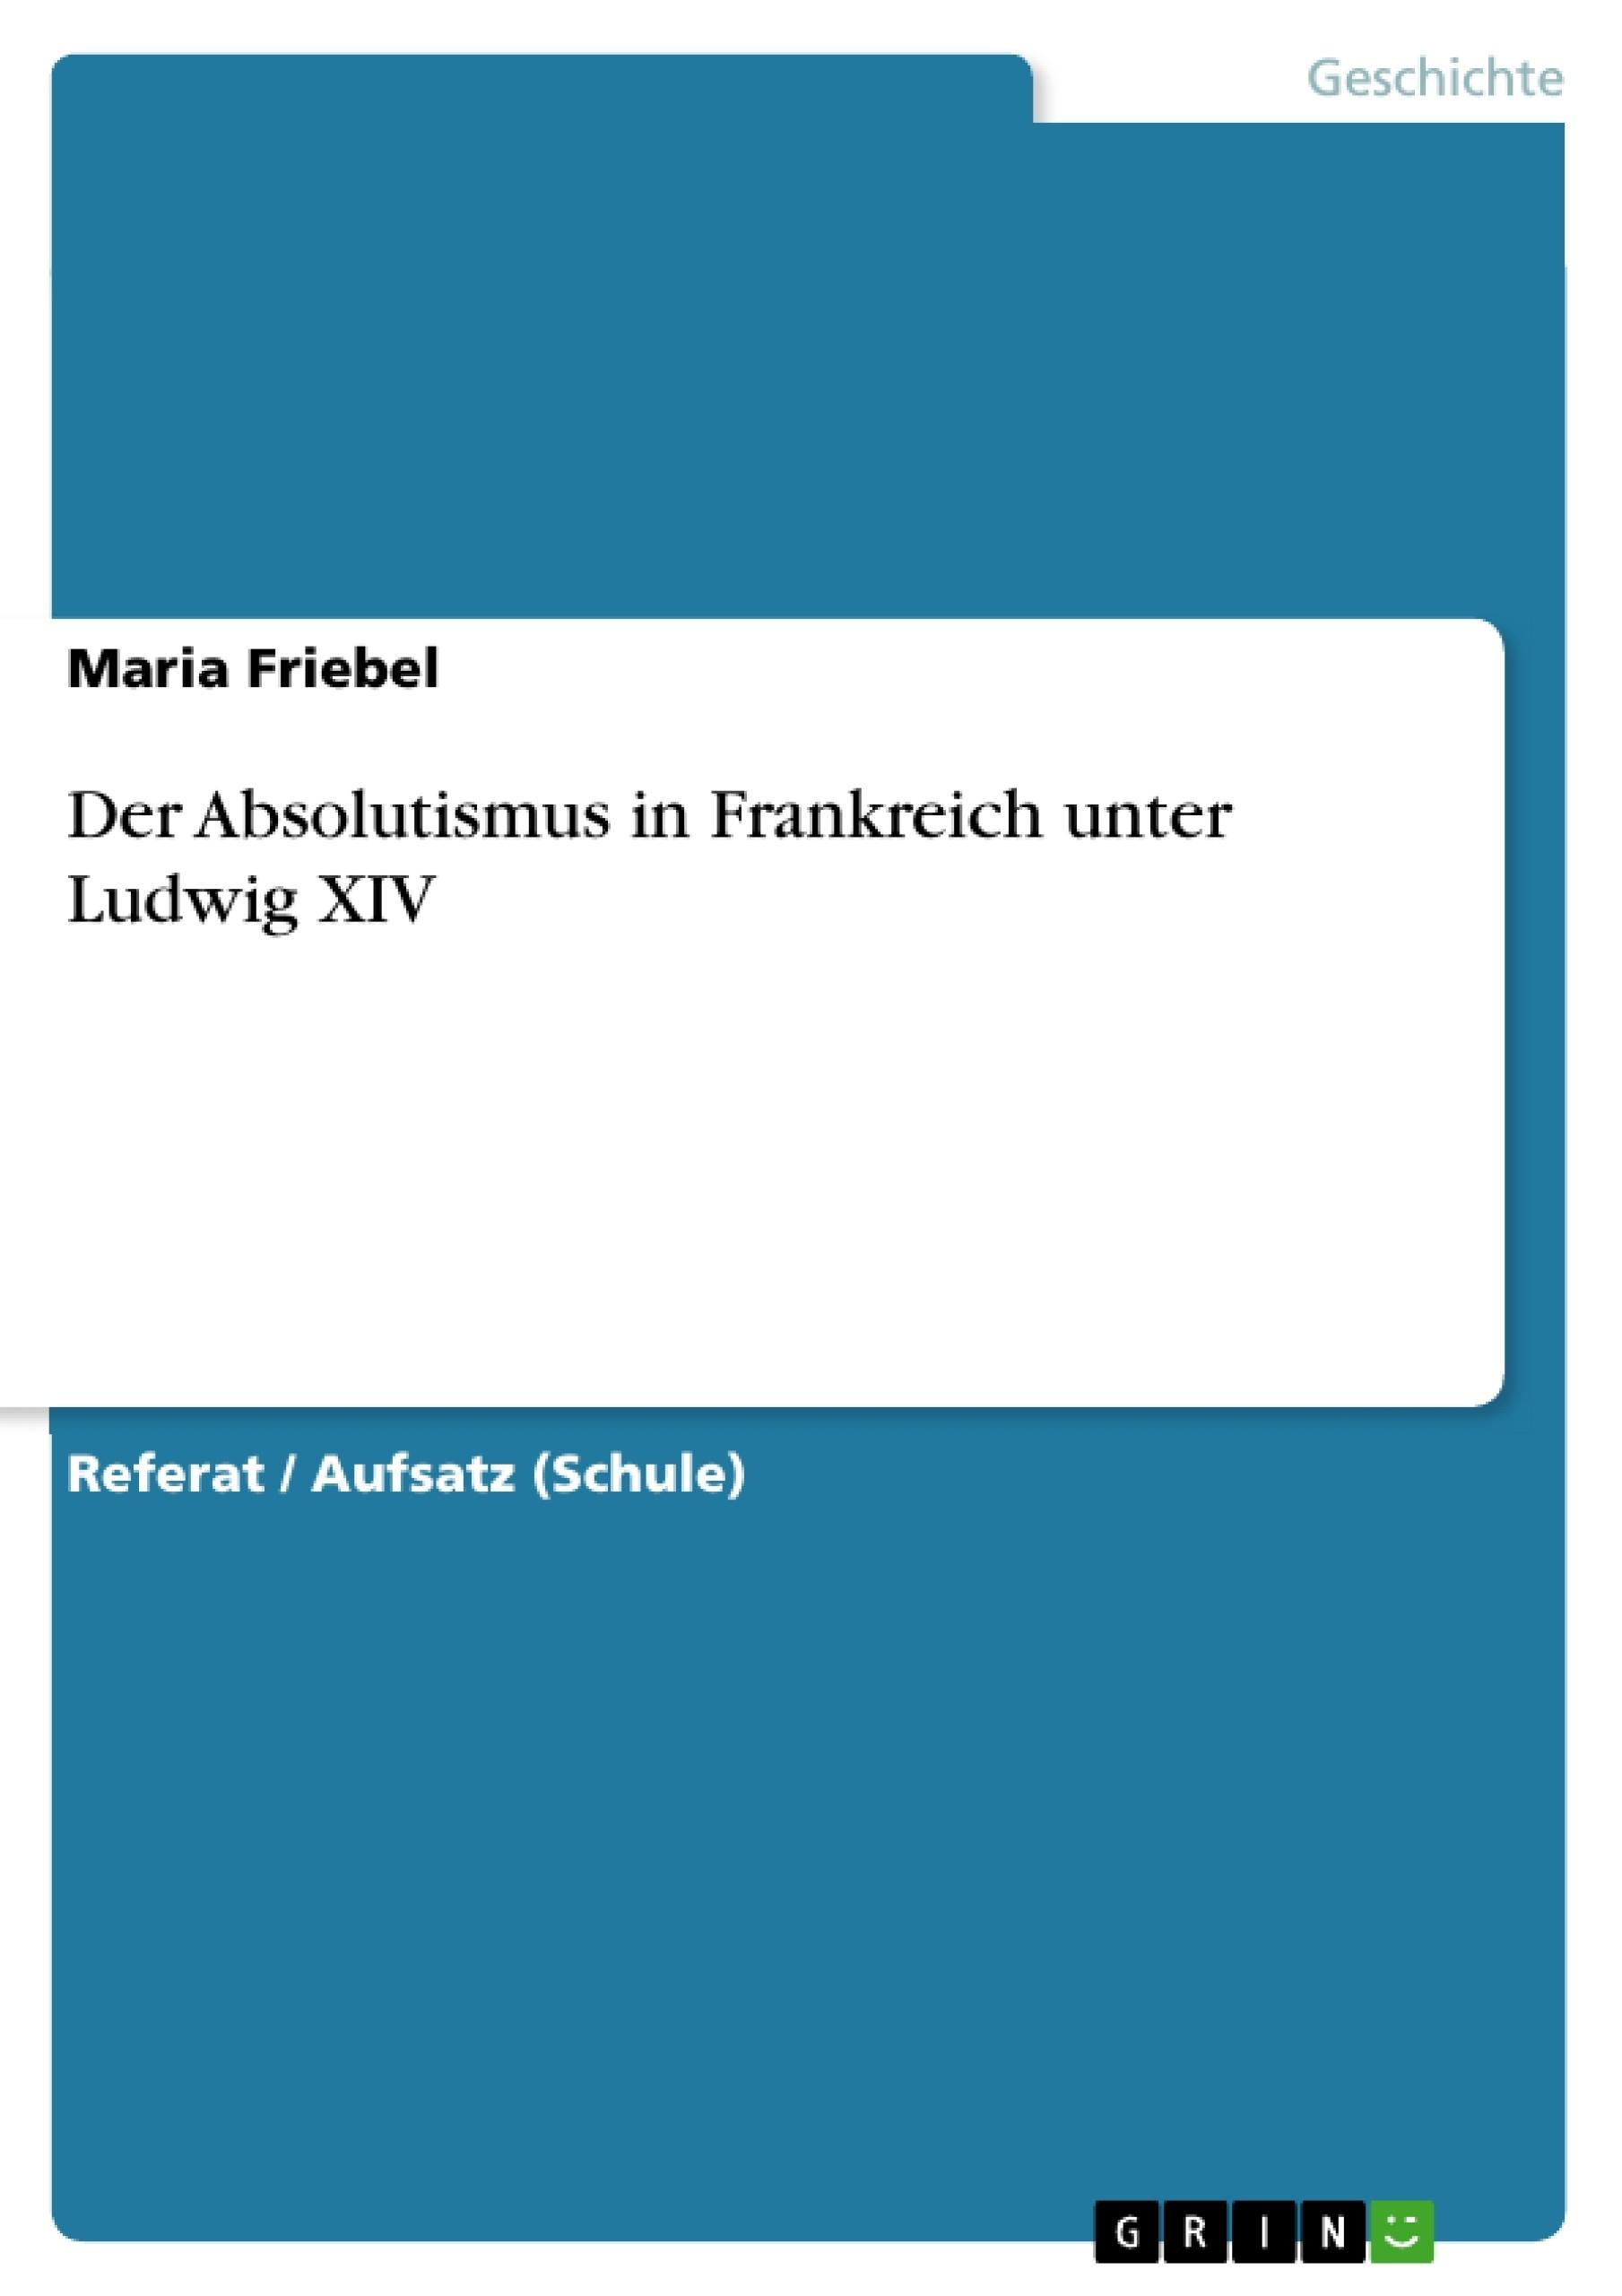 Titel: Der Absolutismus in Frankreich unter Ludwig XIV